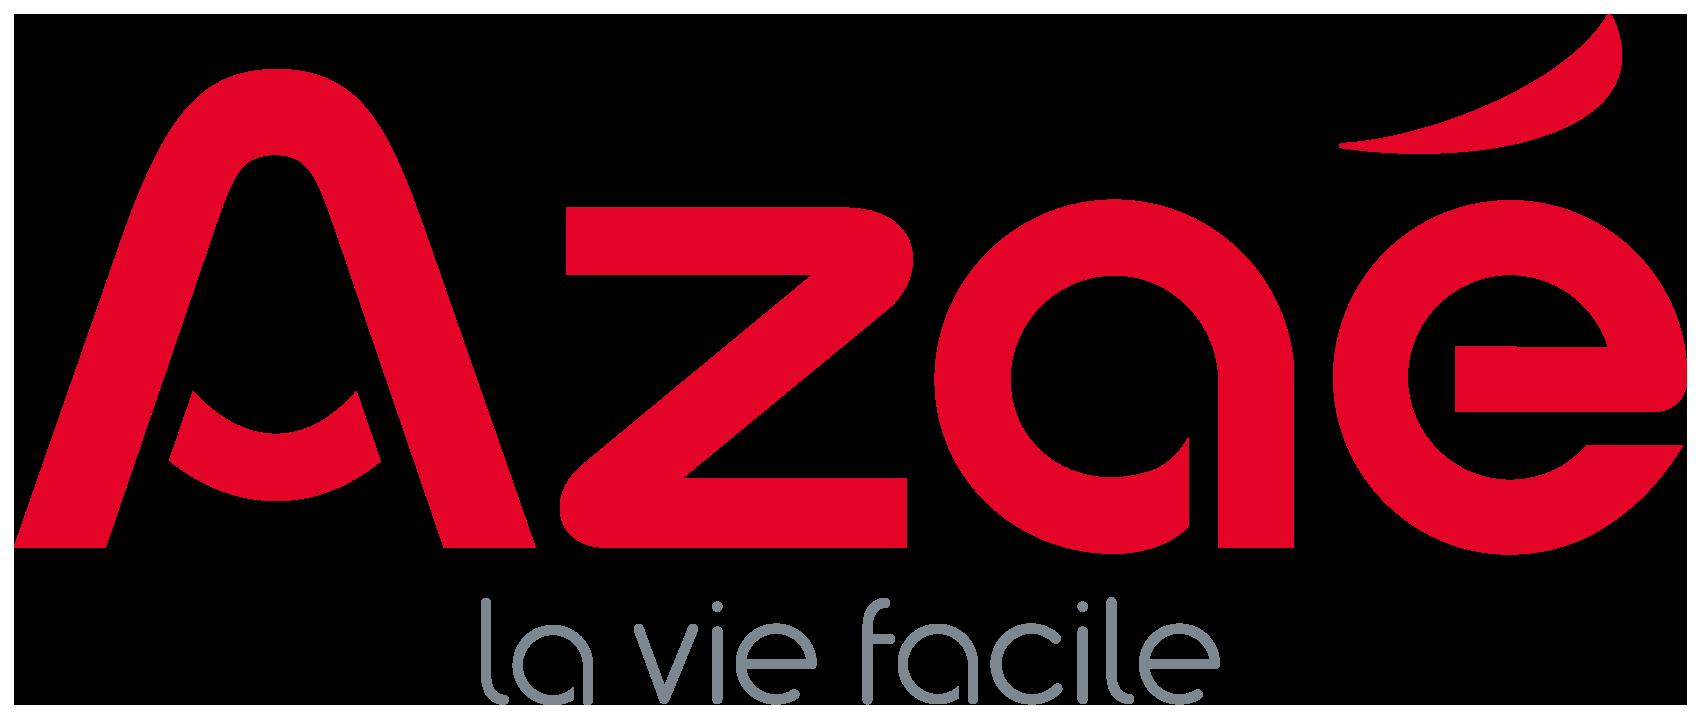 Azaé Ajaccio - Aide à domicile et femme de ménage garde d'enfants